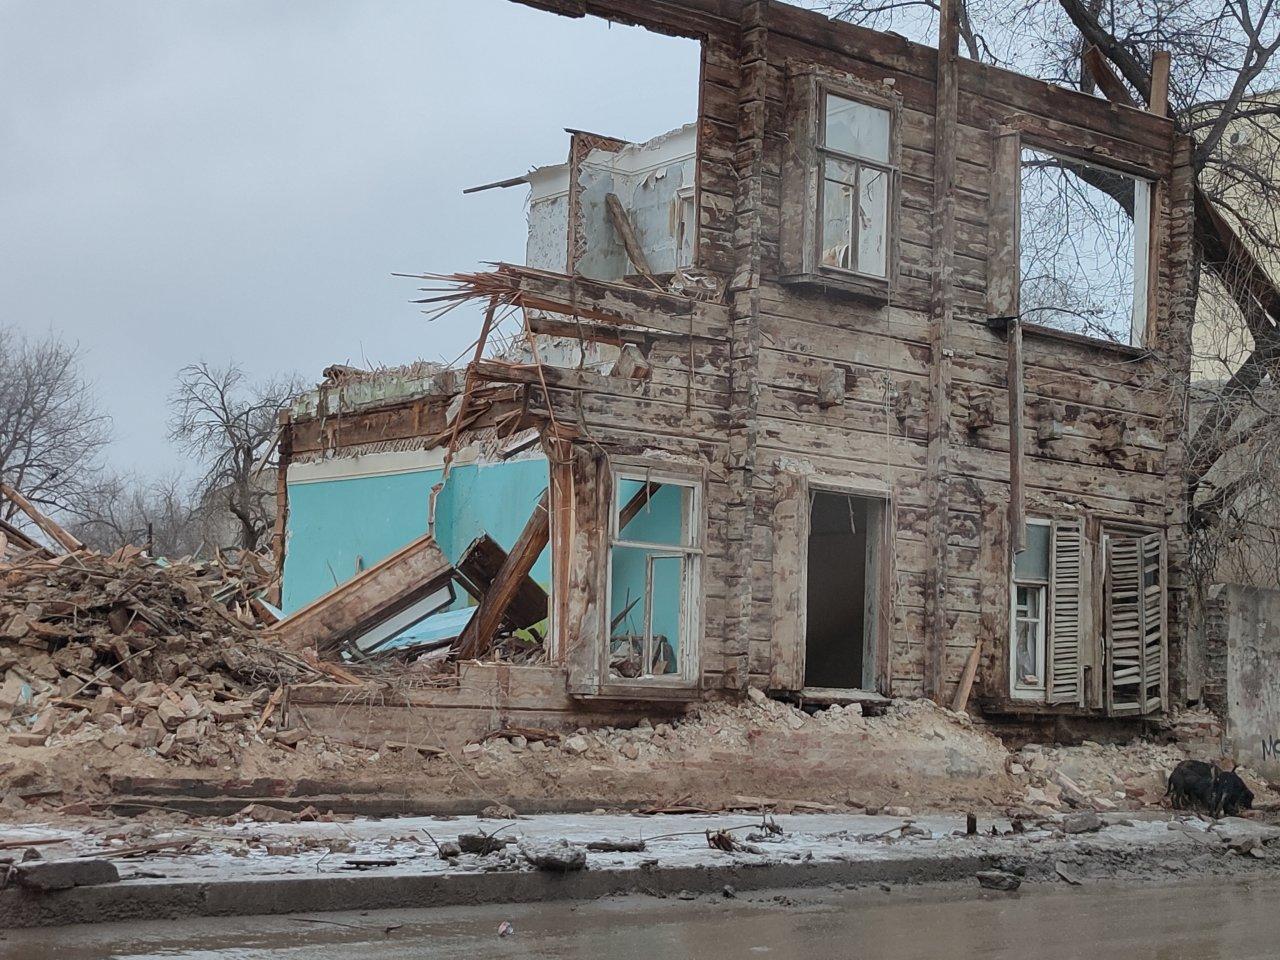 В признании дома в Астрахани аварийным обнаружили признаки мошенничества